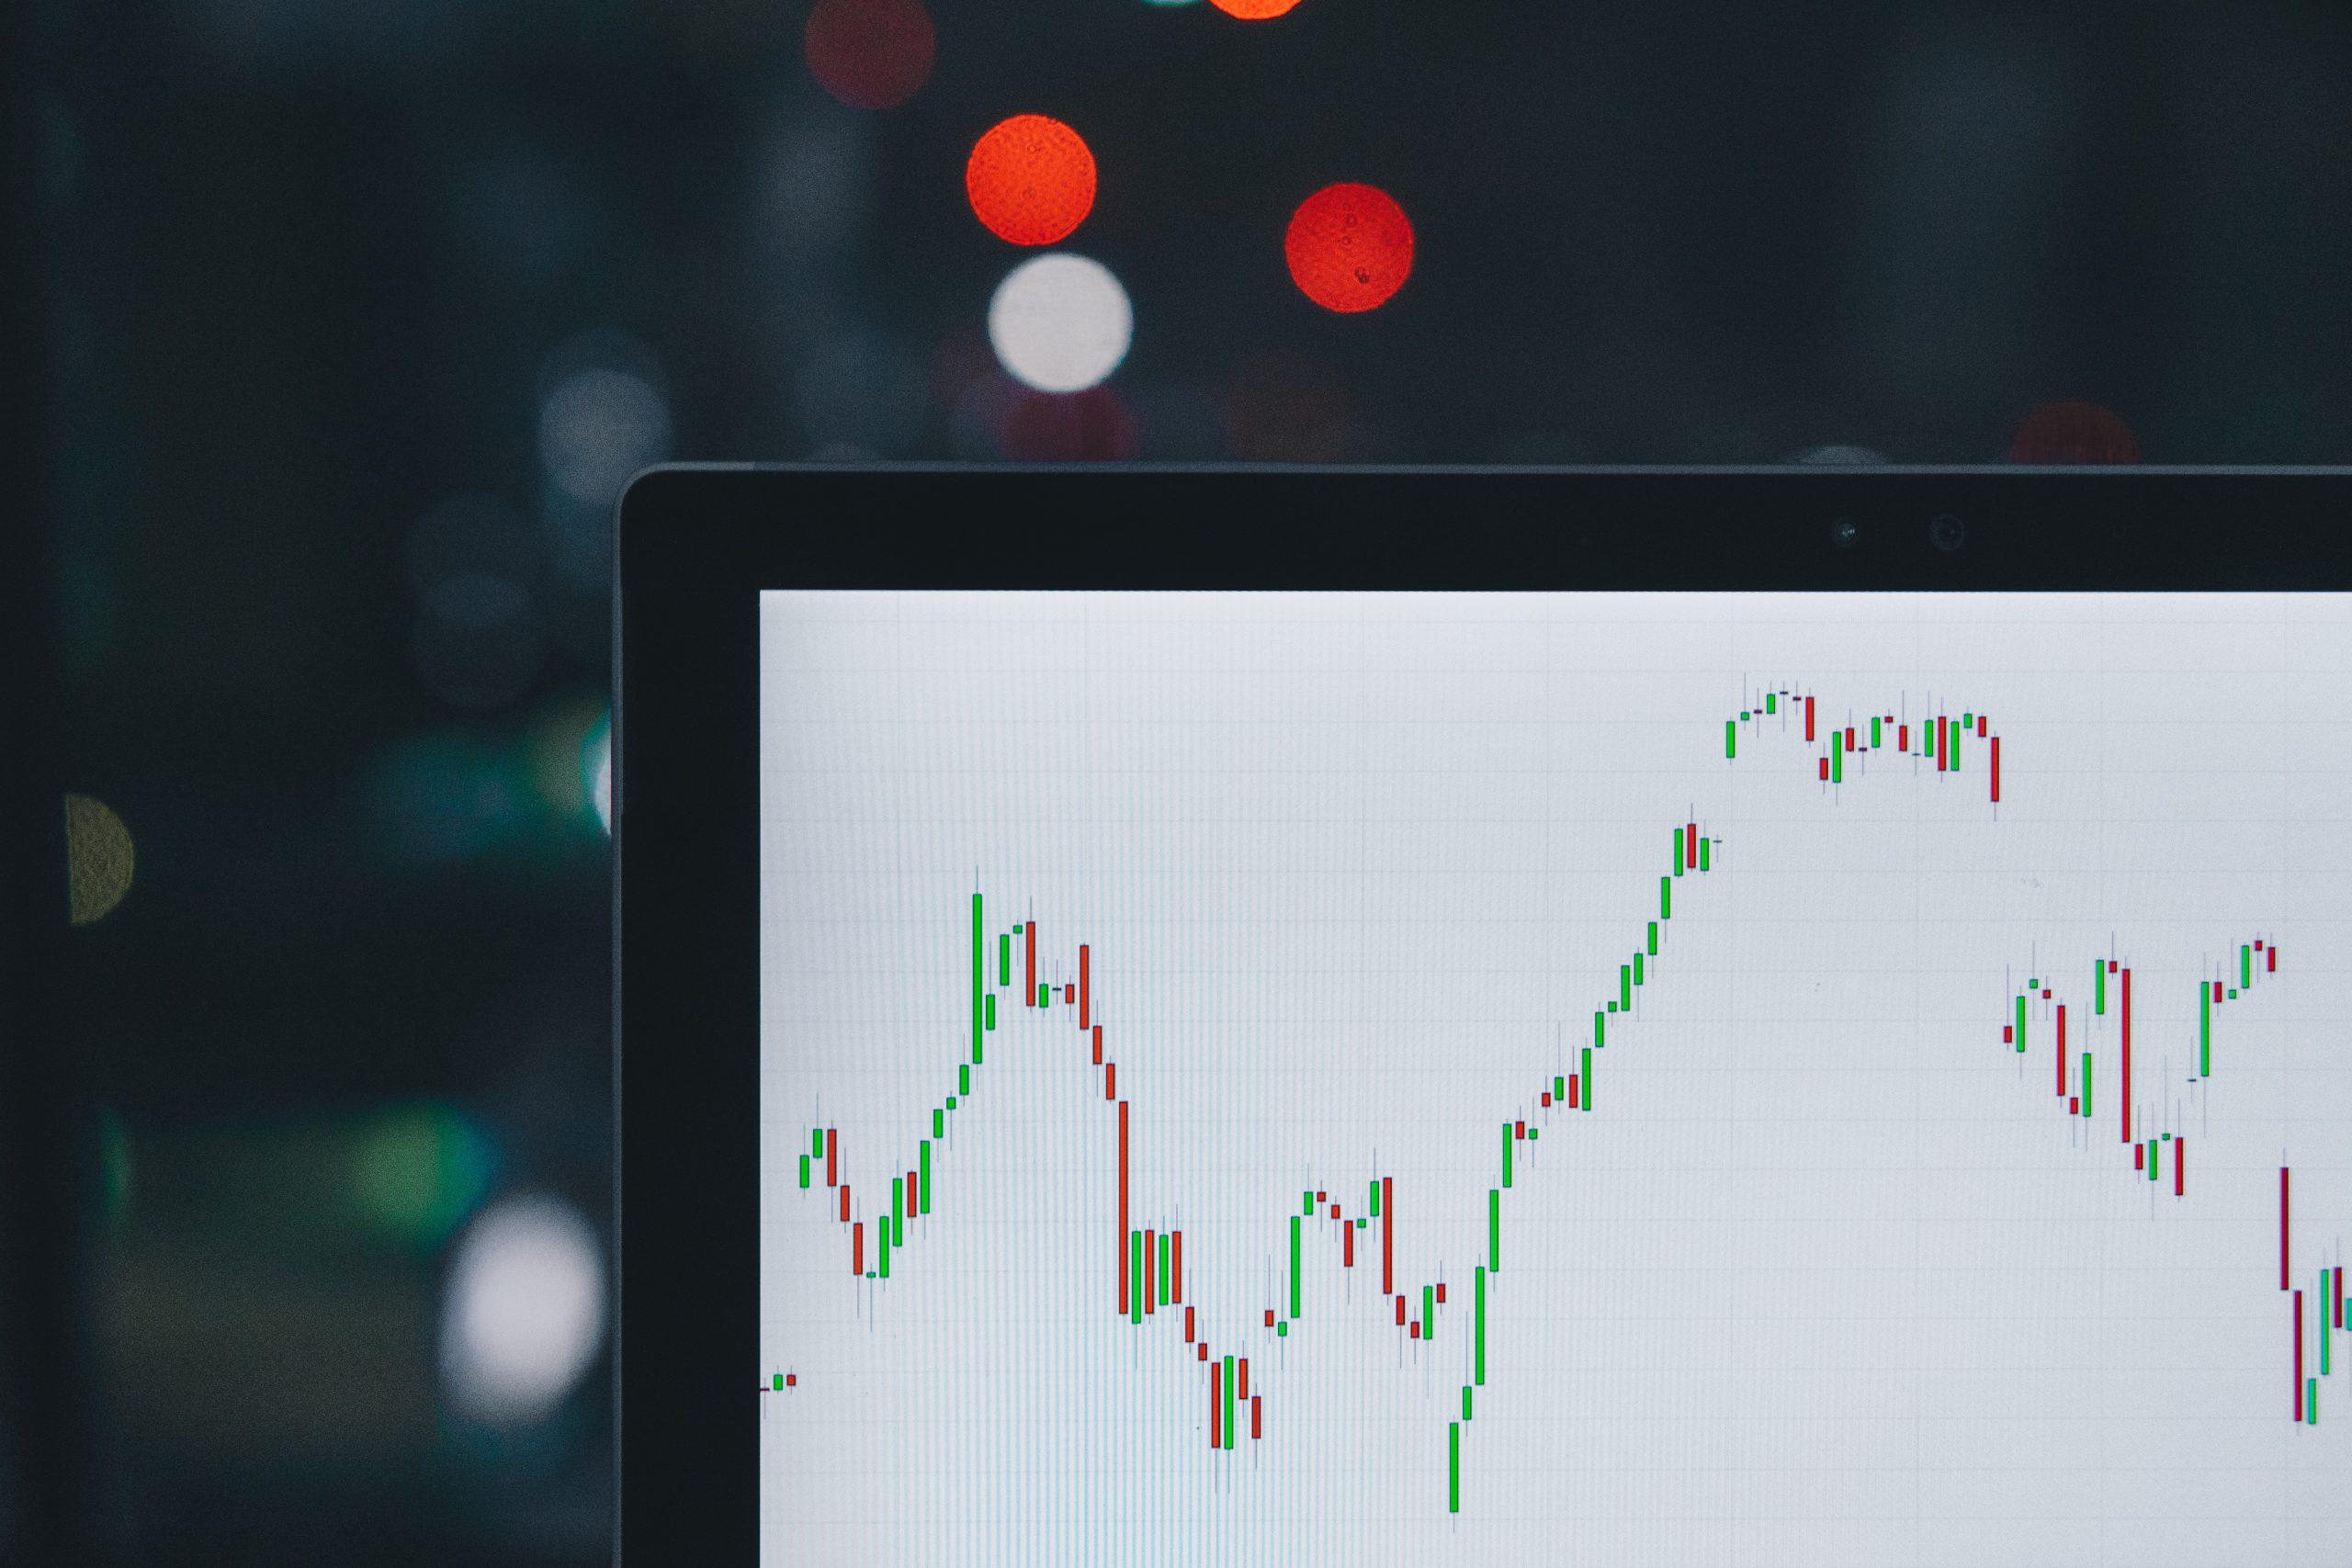 MarketSpots trading platform